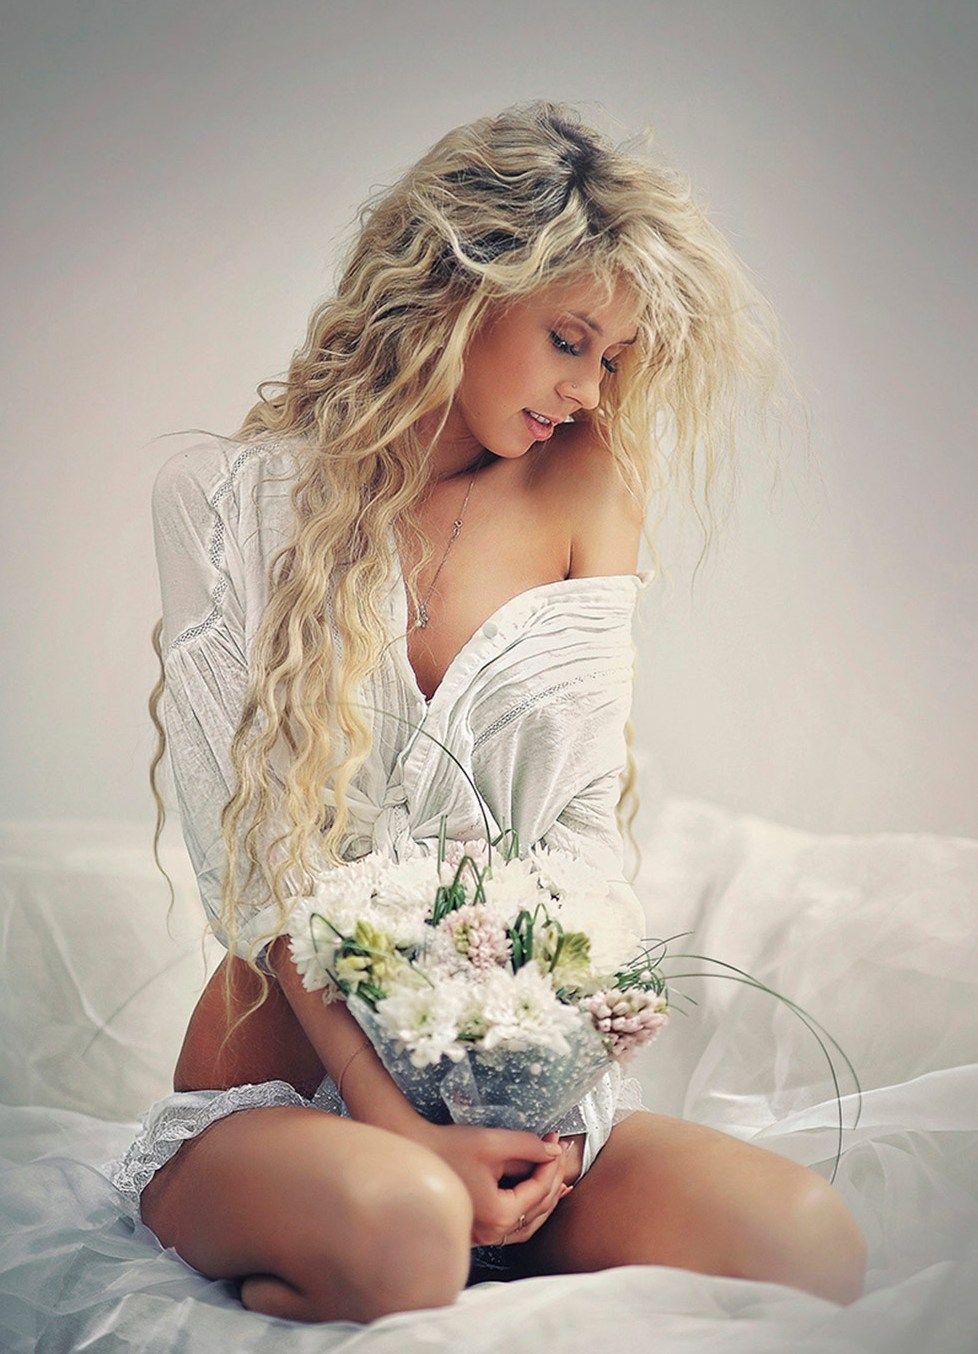 eroticheskoe-foto-devushek-v-svadebnoy-odezhde-intim-video-suzdalskoy